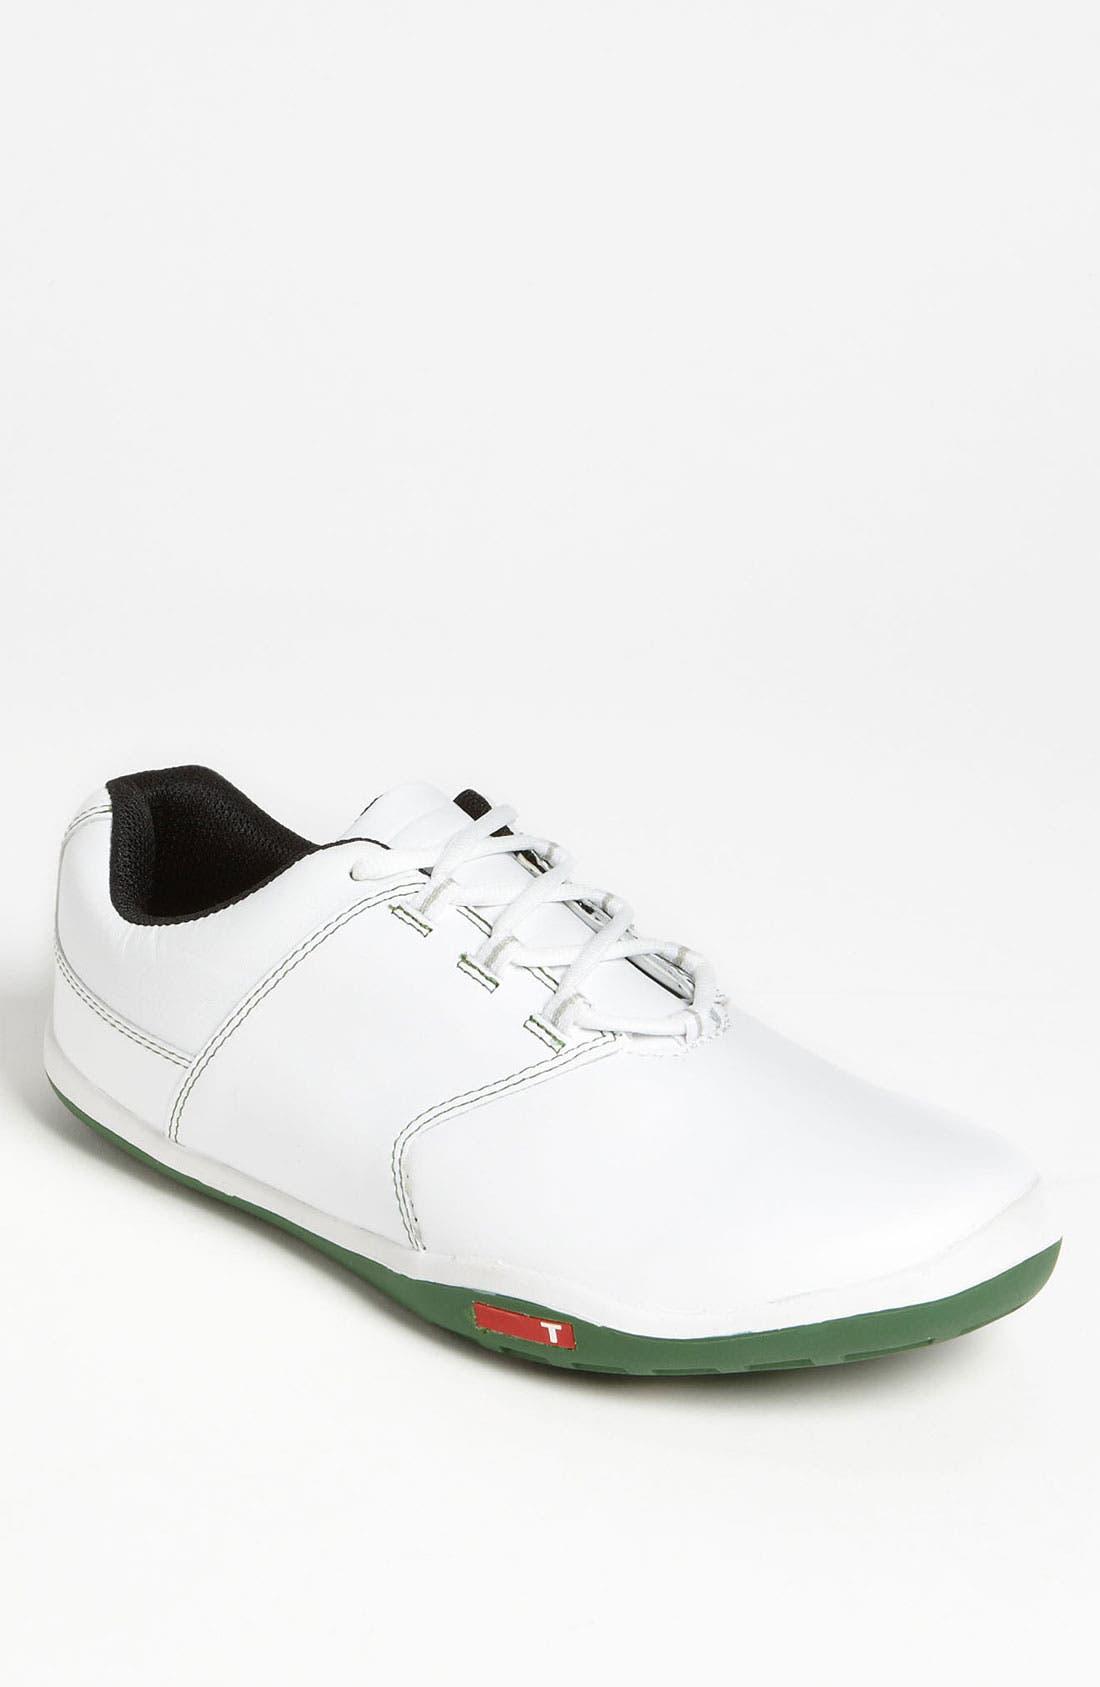 Alternate Image 1 Selected - TRUE linkswear 'True Tour' Golf Shoe (Men)